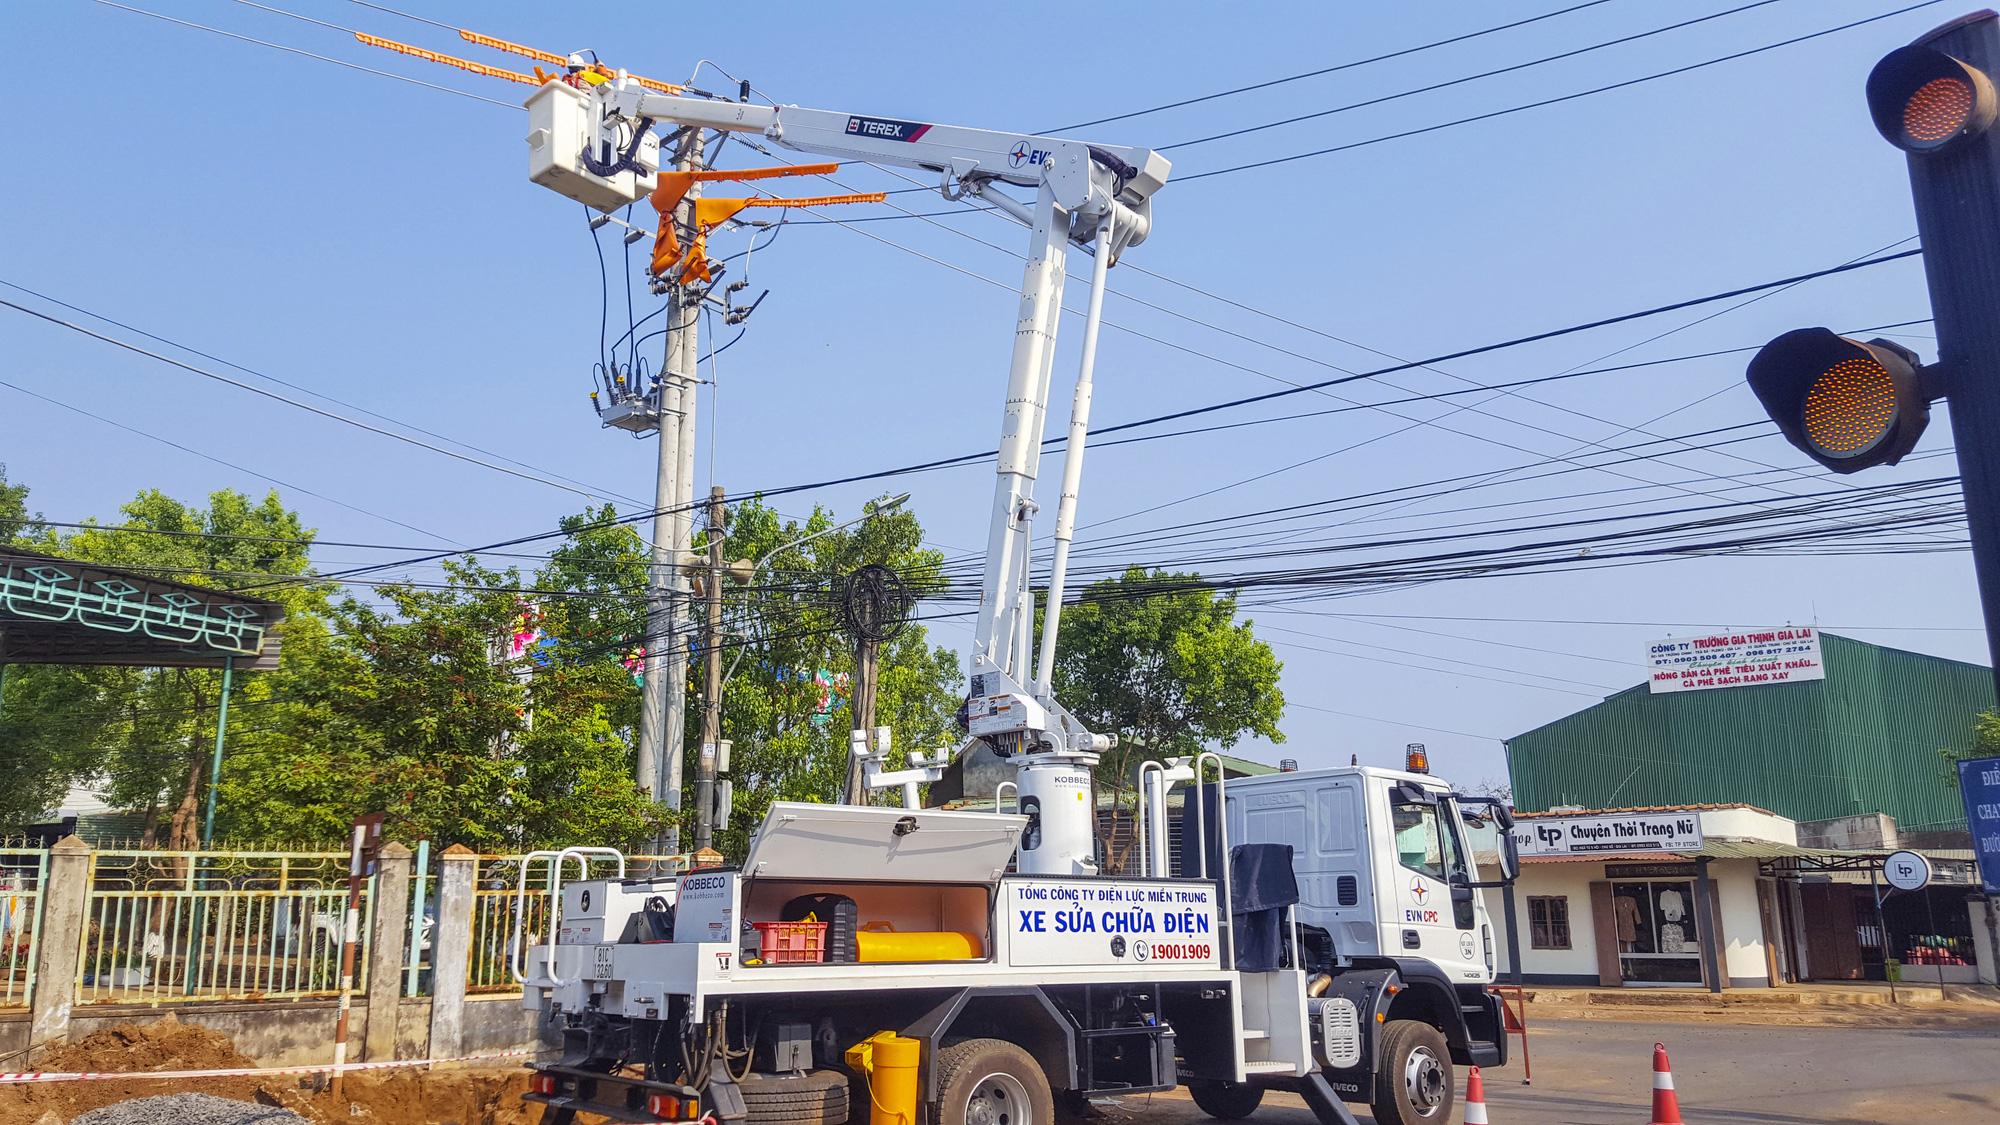 PC Gia Lai: Xây dựng nguồn lực thực hiện công tác vệ sinh, sửa chữa hotline - Ảnh 1.